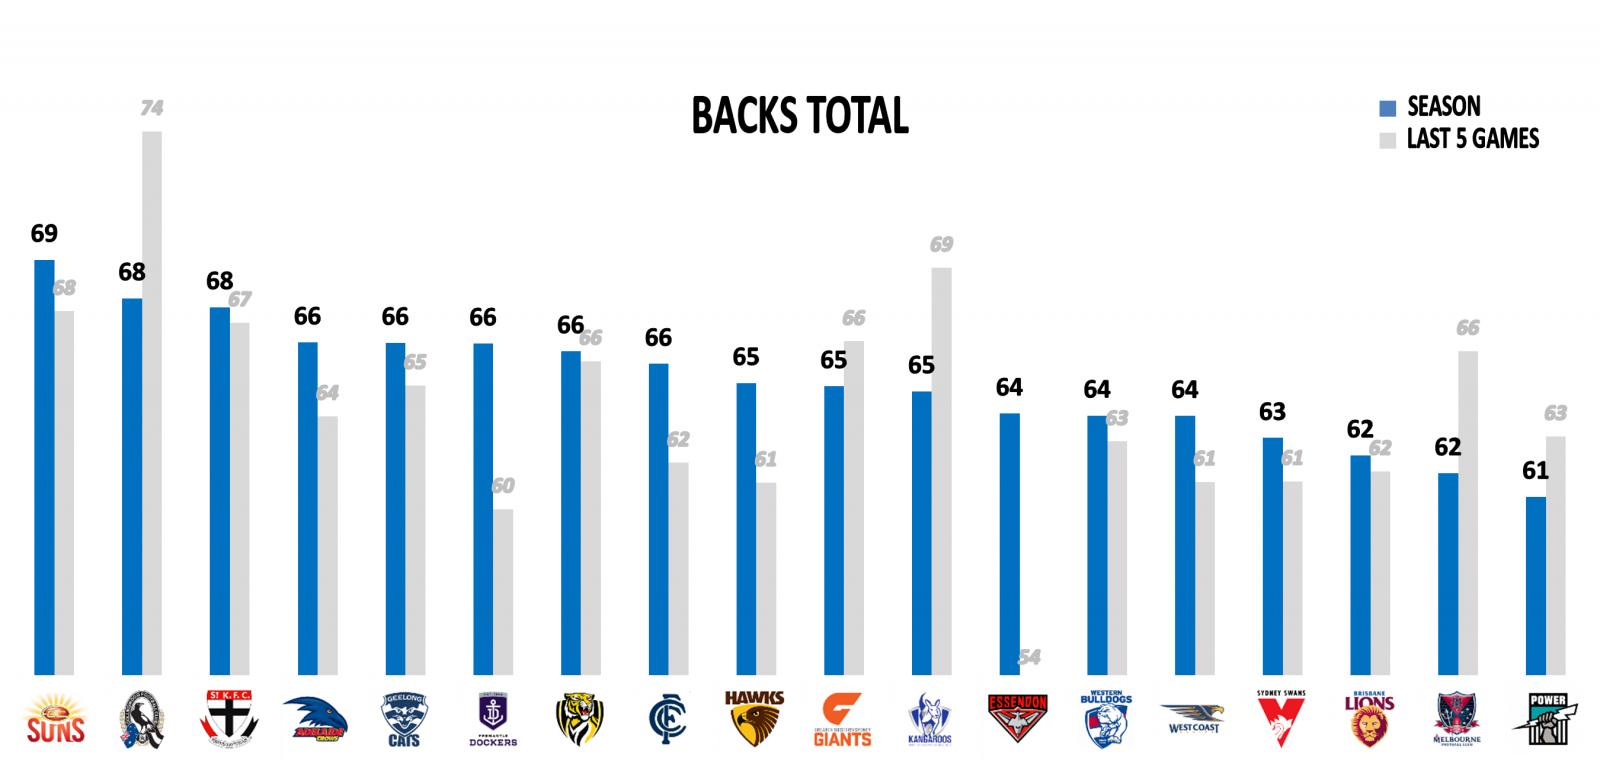 AFL Stats Round 22 backs